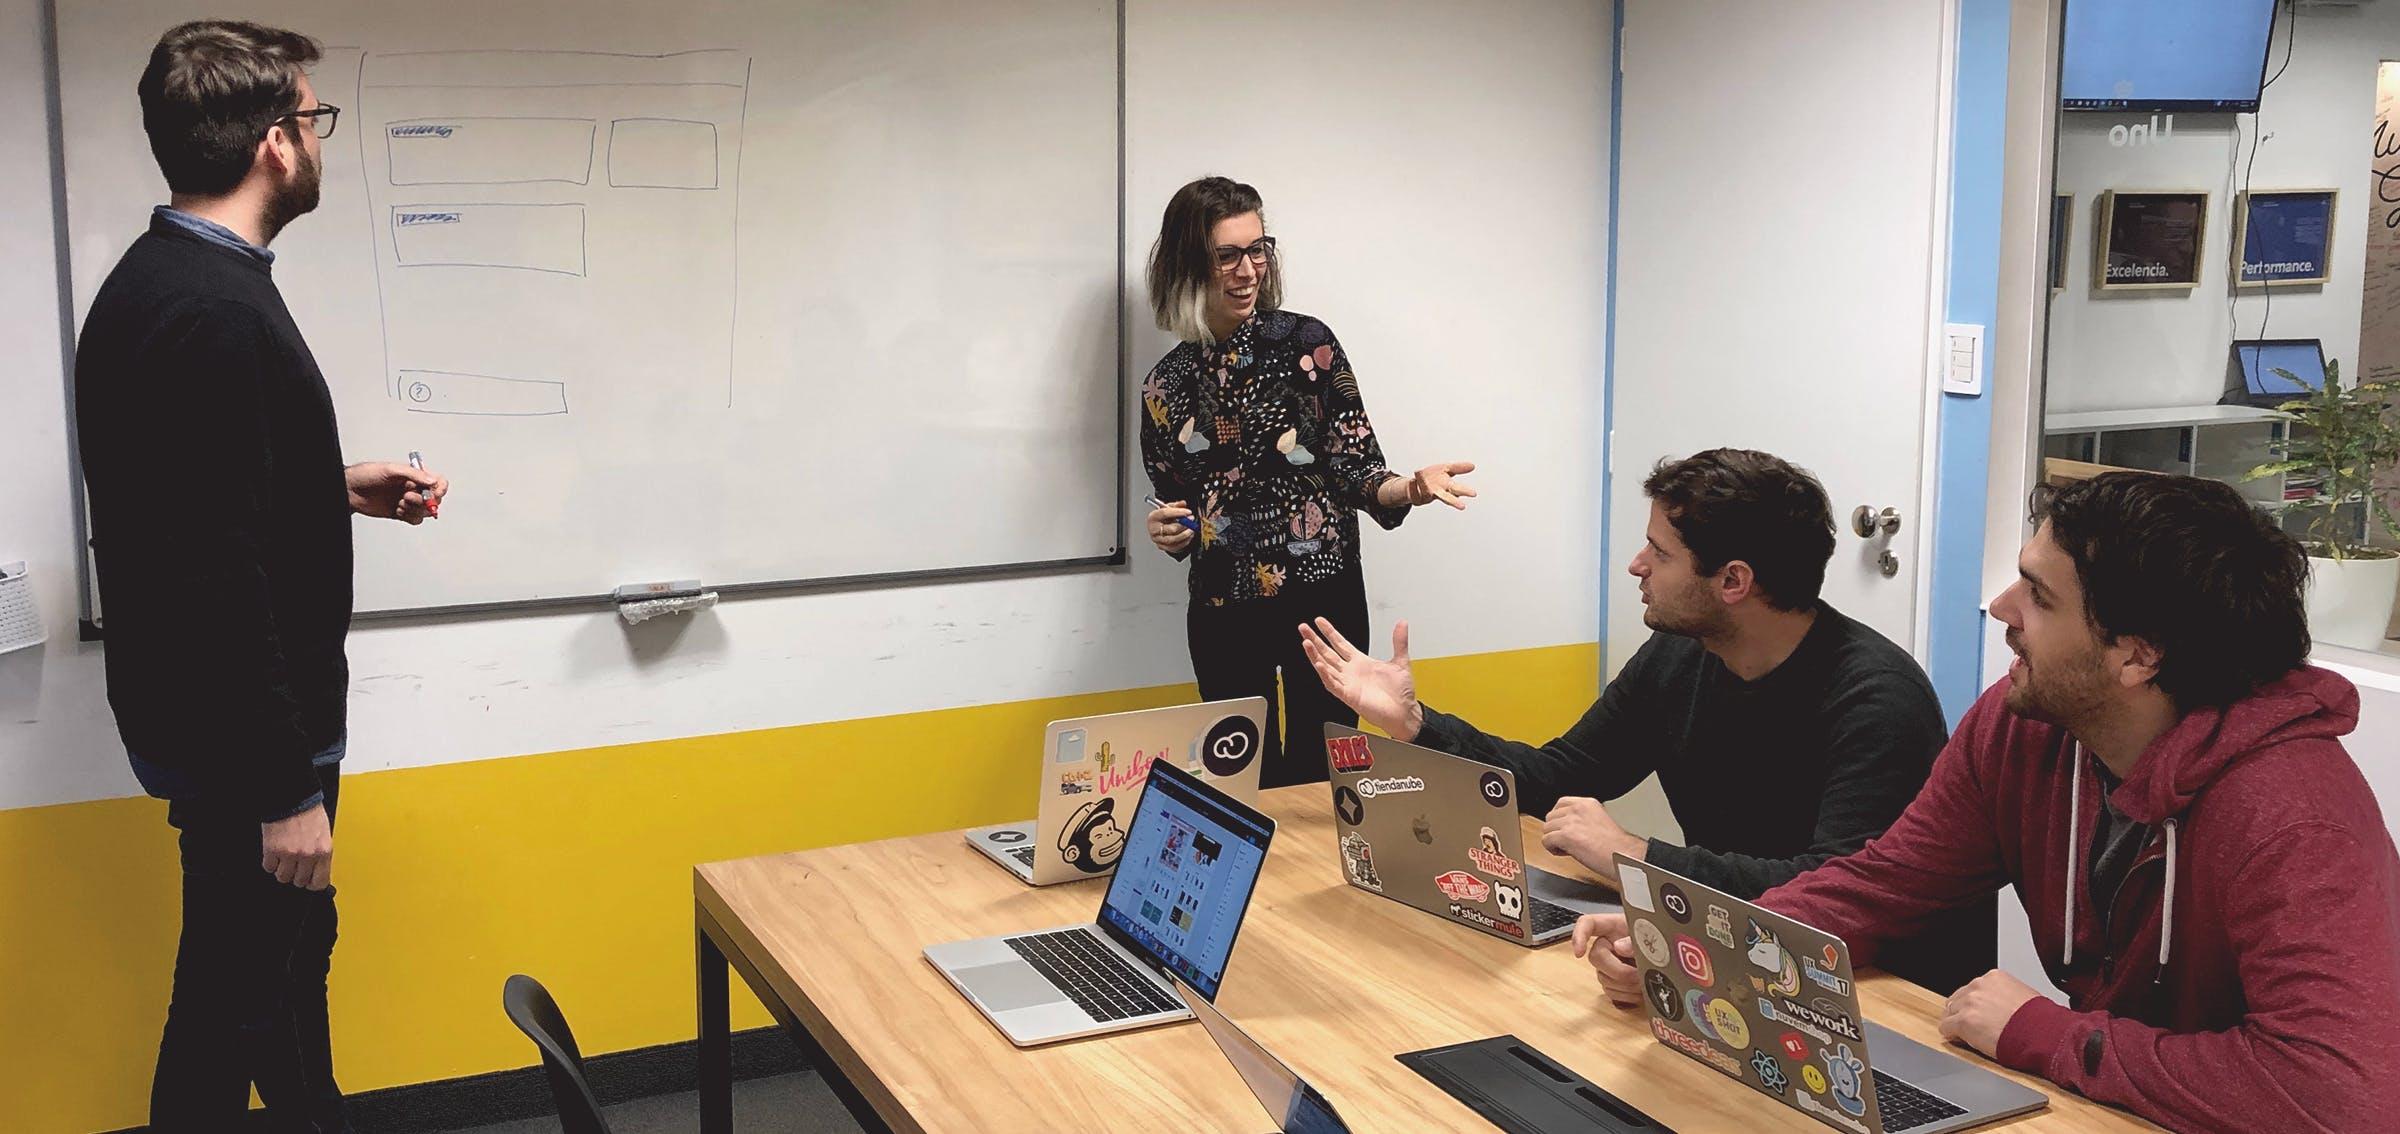 The Tiendanube design team